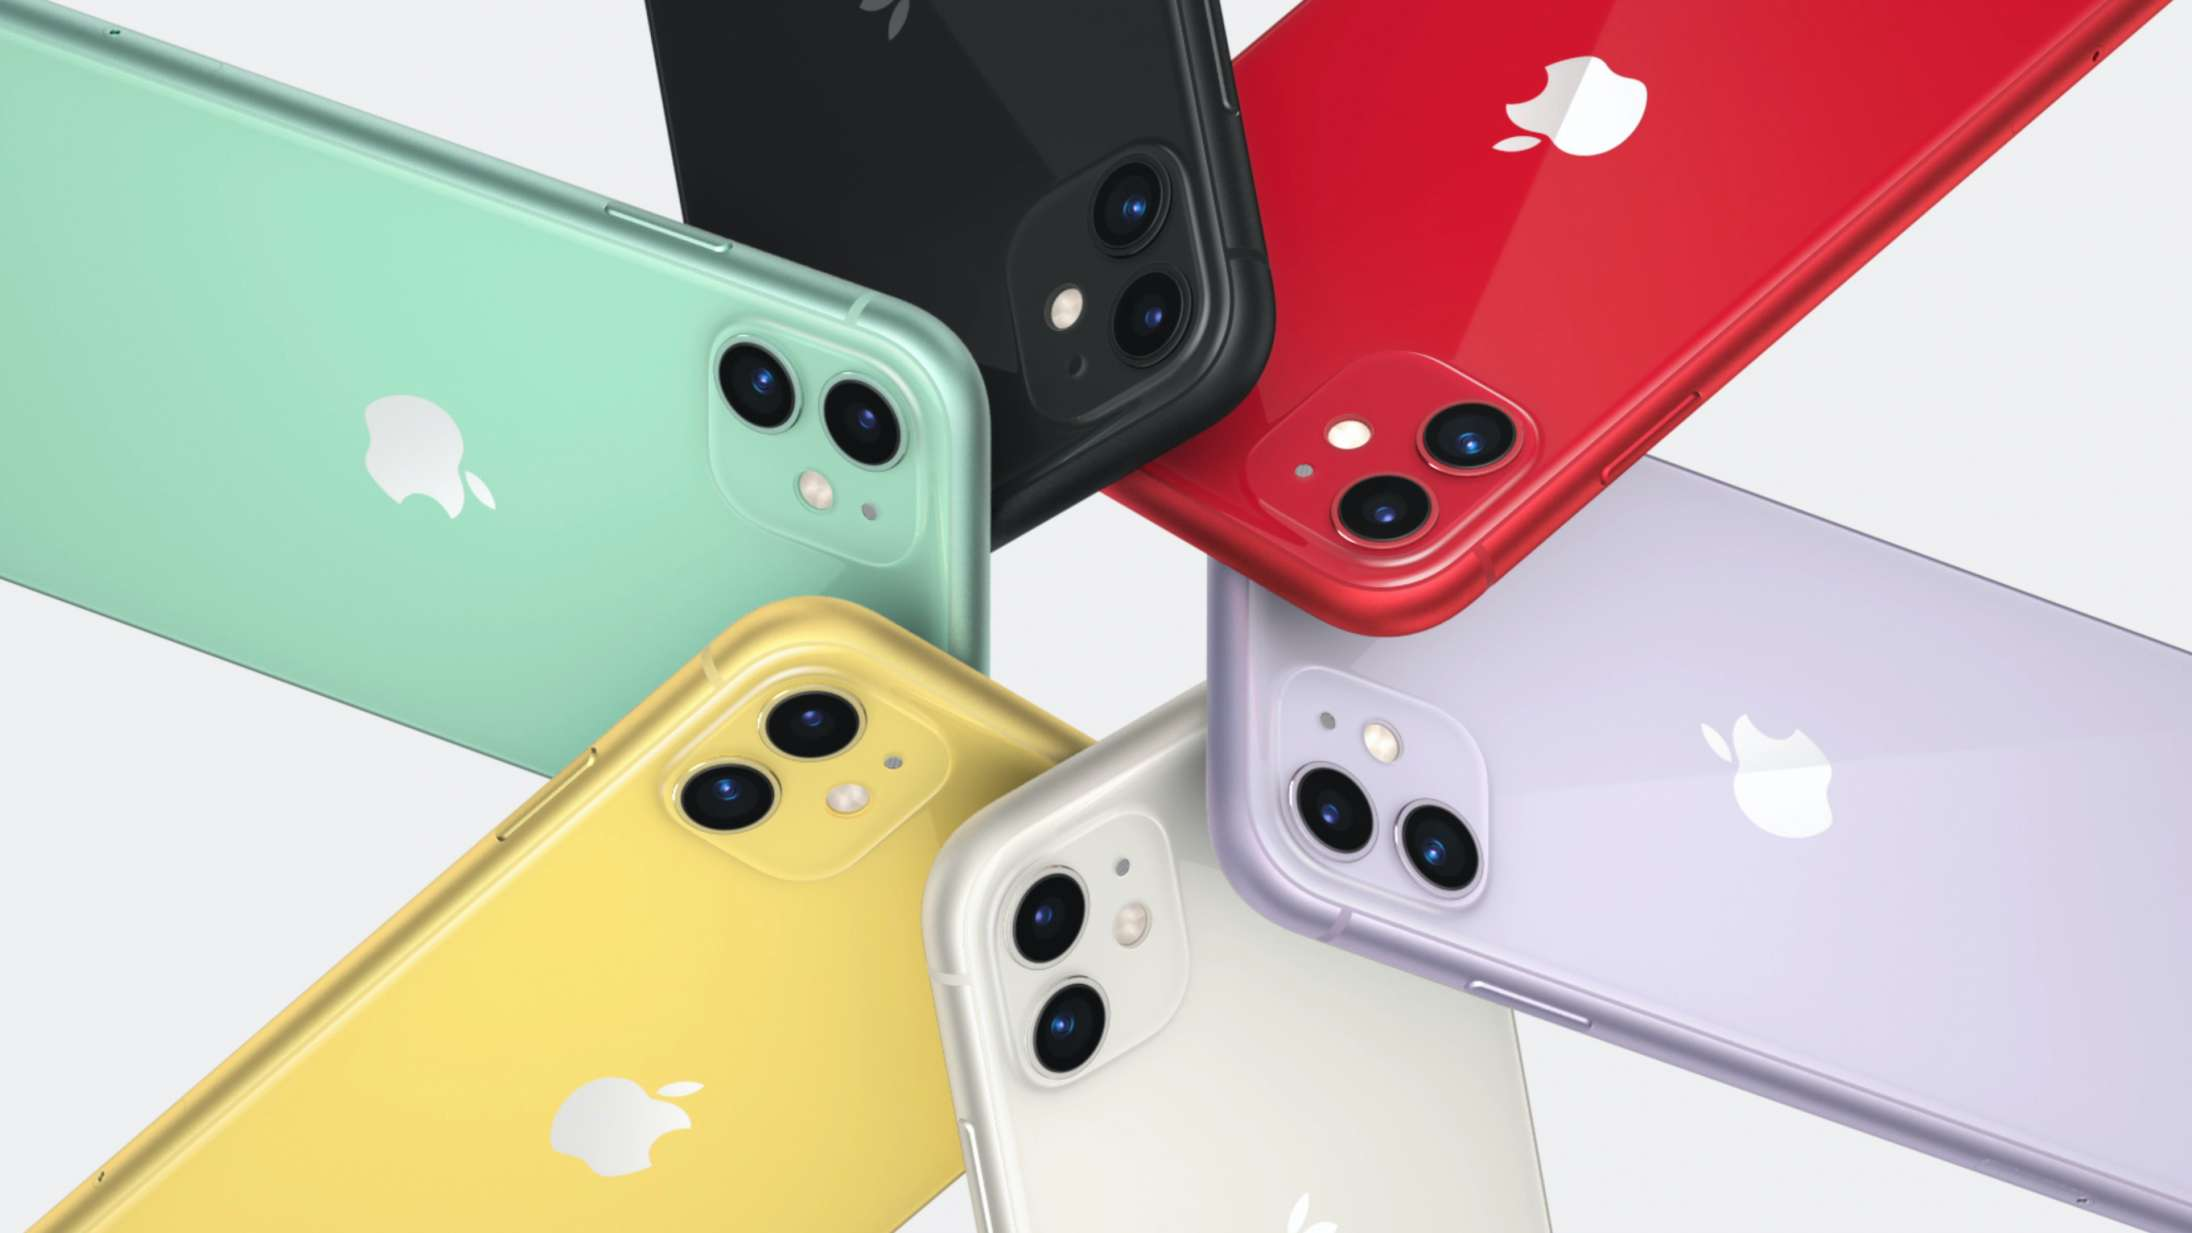 Fra 'Animal Crossing' til MS Paint: Viral dille hitter med nyt udseende til din iPhone